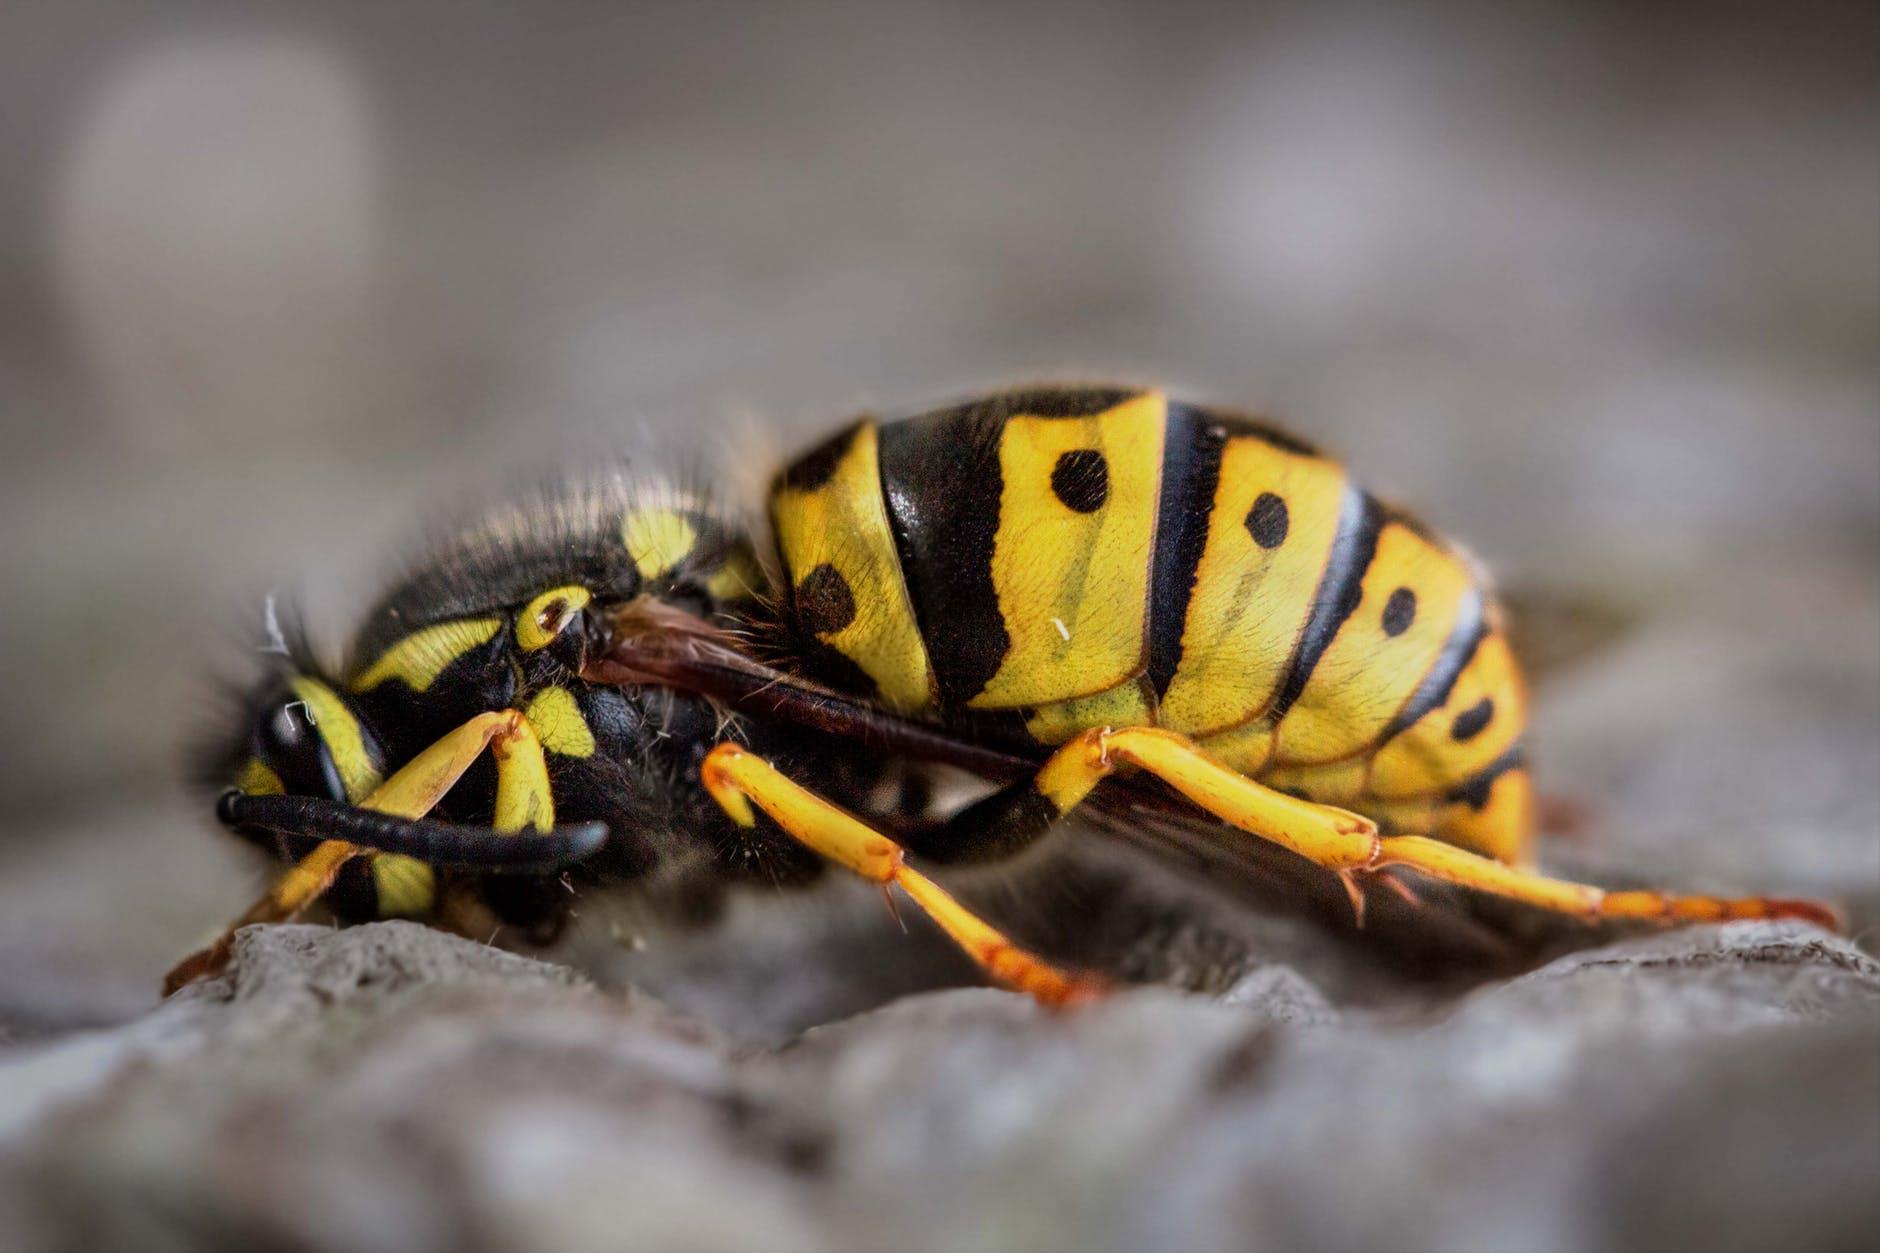 gravid yellow jacket wasp close up photography